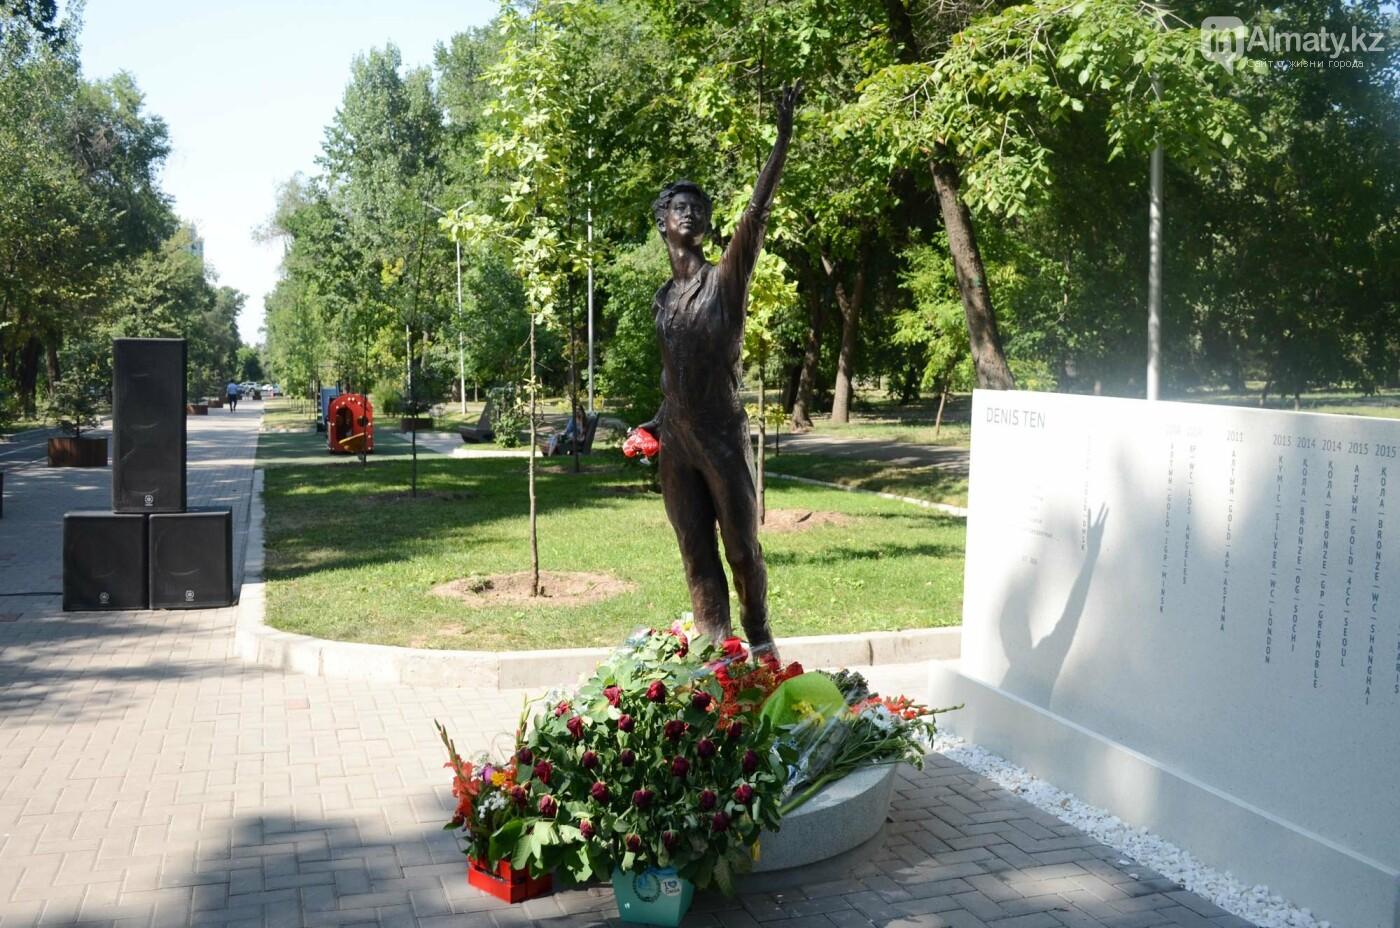 Родственники Дениса Тена и звезды фигурного катания почтили память фигуриста в Алматы, фото-1